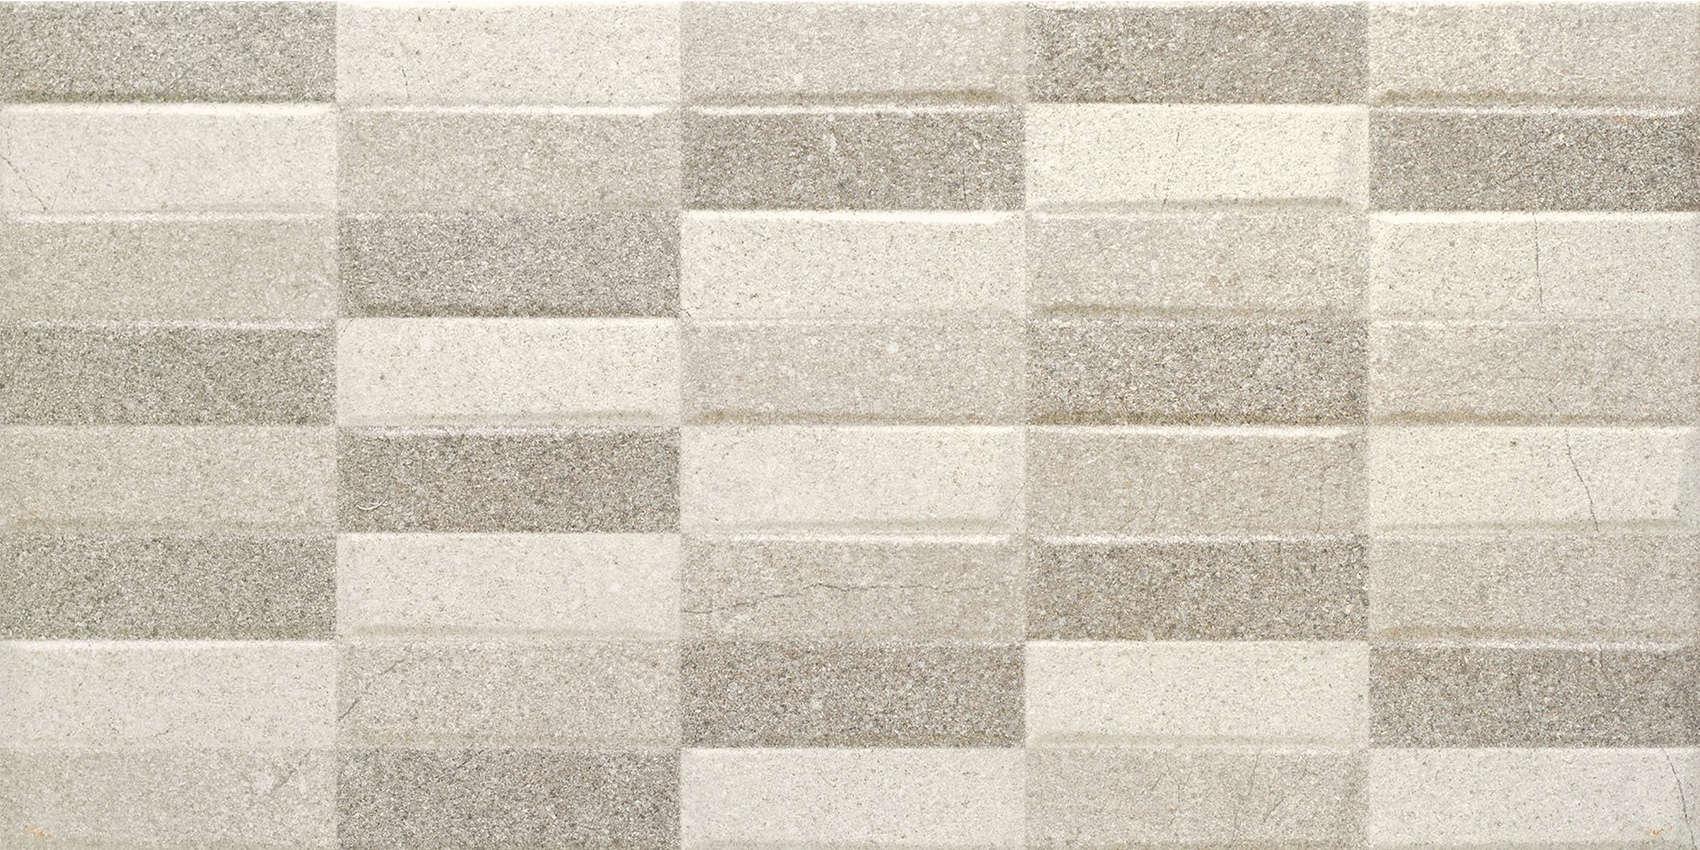 Faianță pentru baie Benadresa Crowne Rotin Ivory 316x632 texturată și mată gri / 7